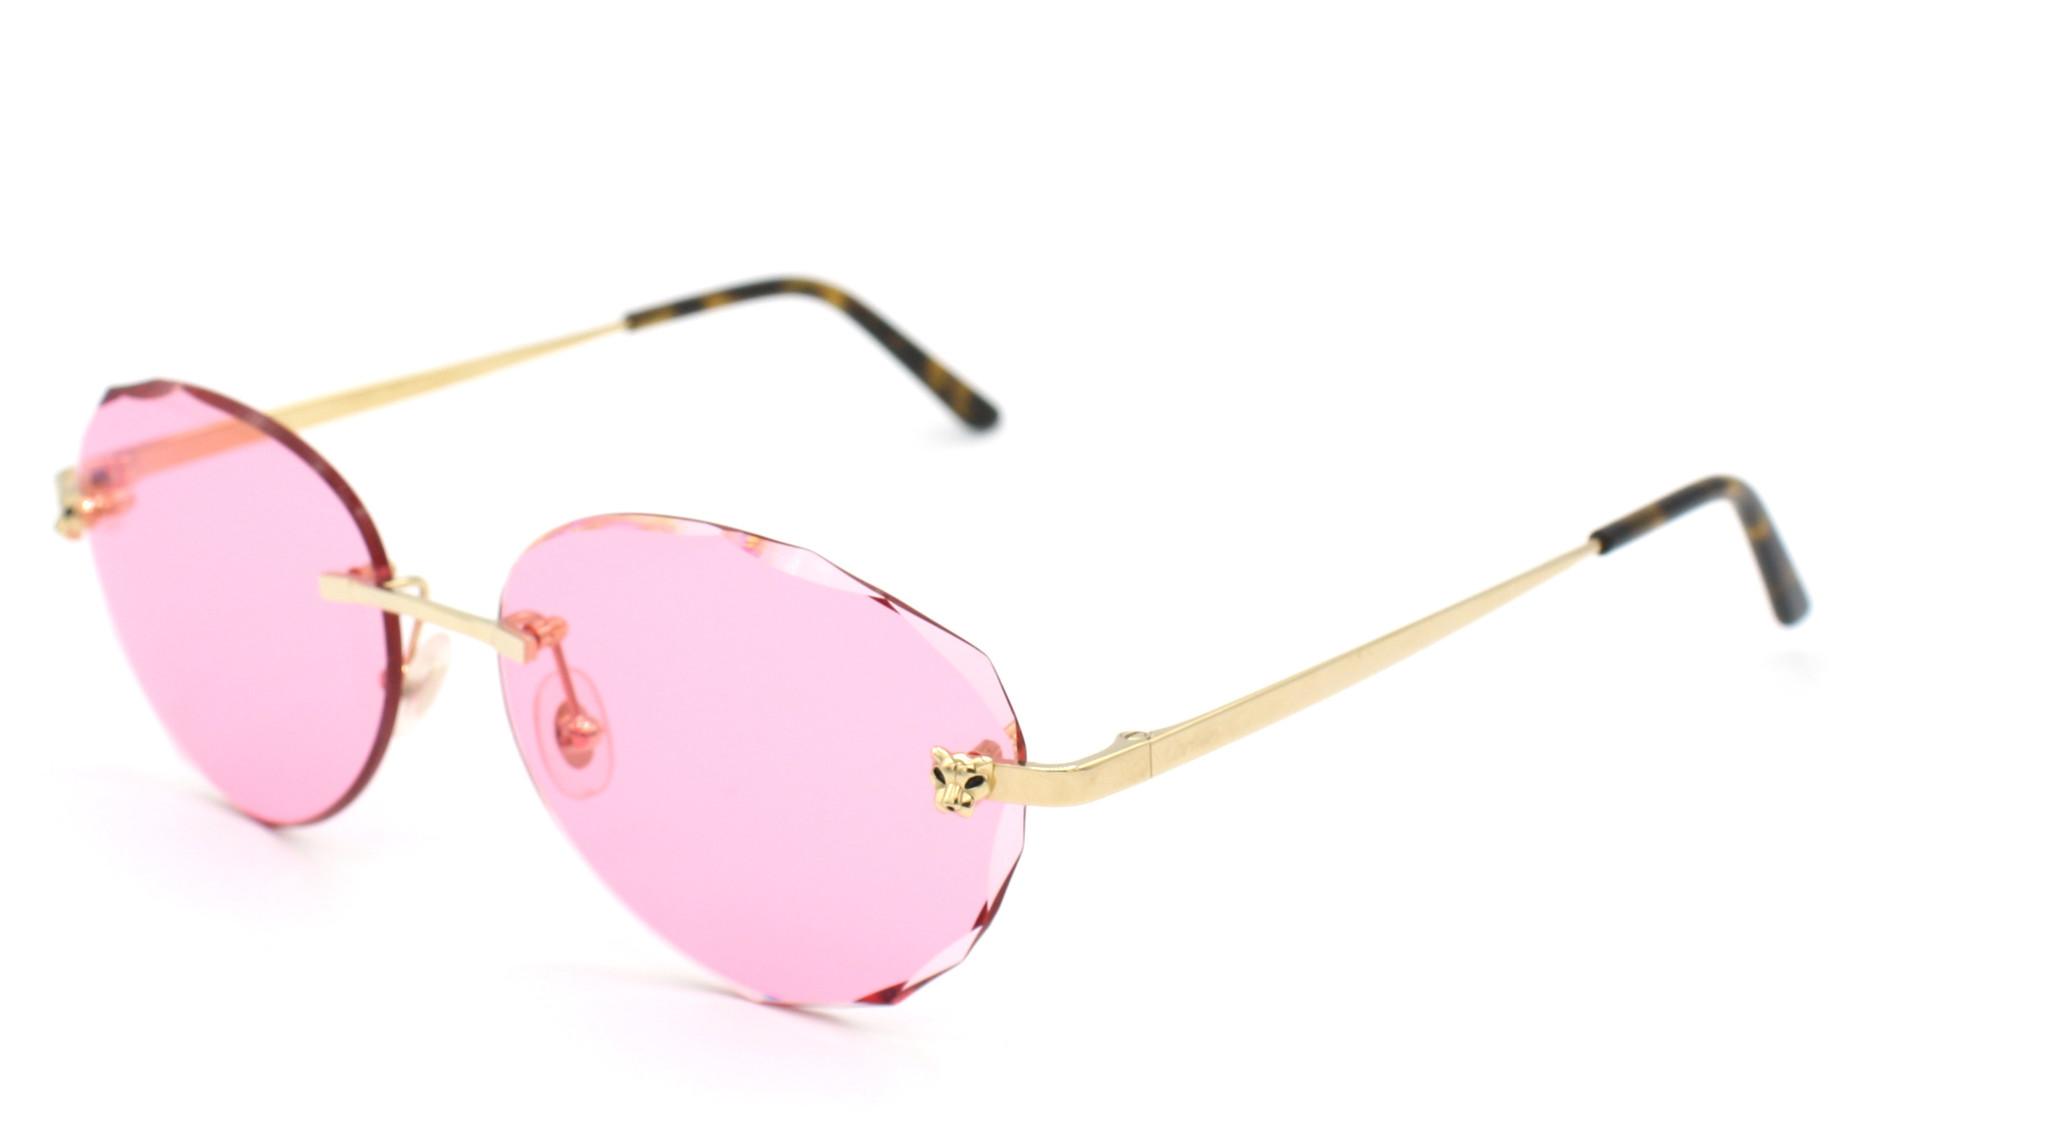 Cartier - CT0148O Panthere - Pink Diamond Cut - 001-2